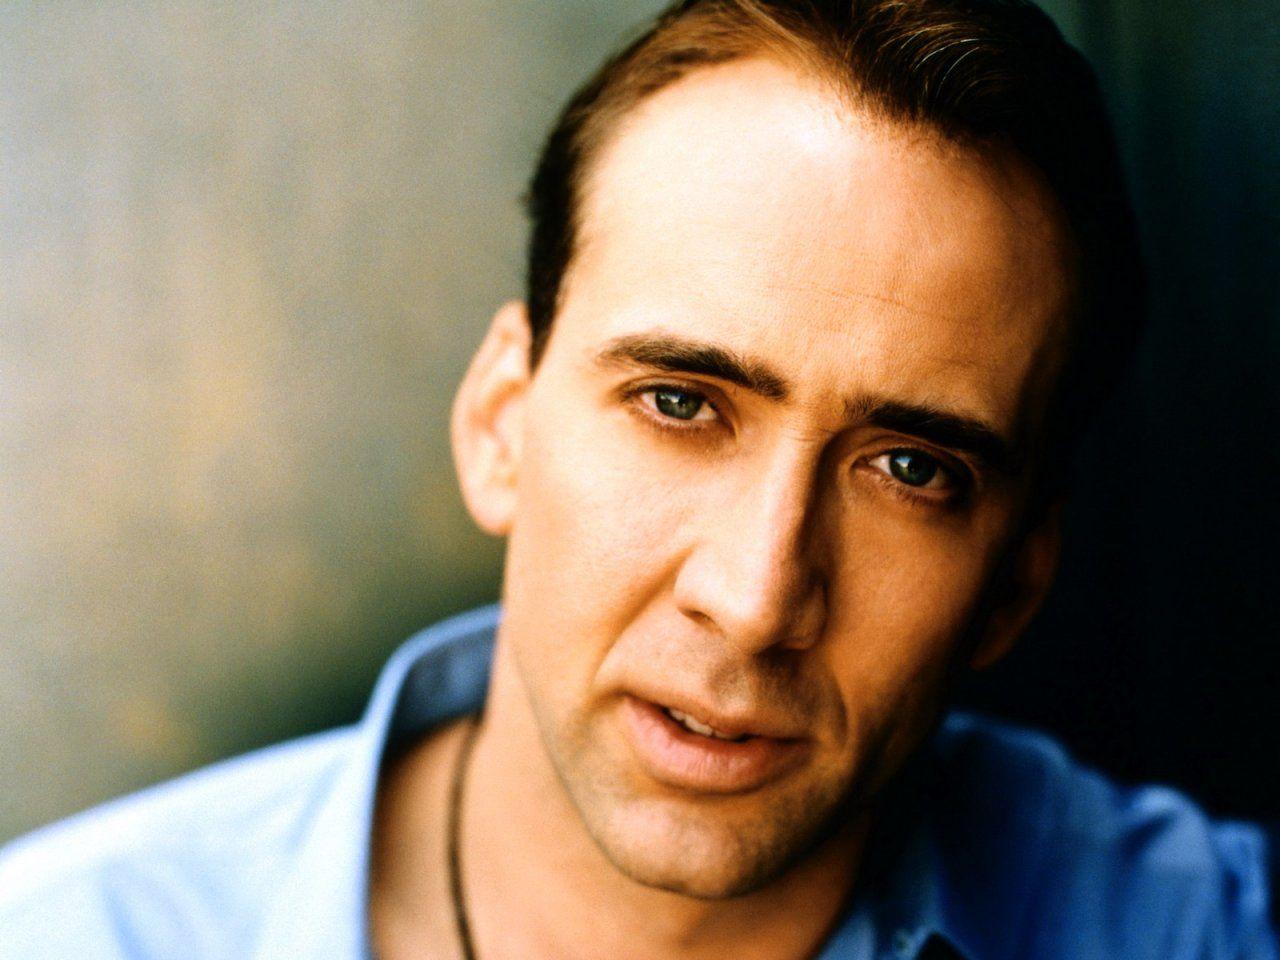 8589130485674 Nicolas Cage Wallpaper Hd Jpg 1280 960 Nicolas Cage Actors Nicolas